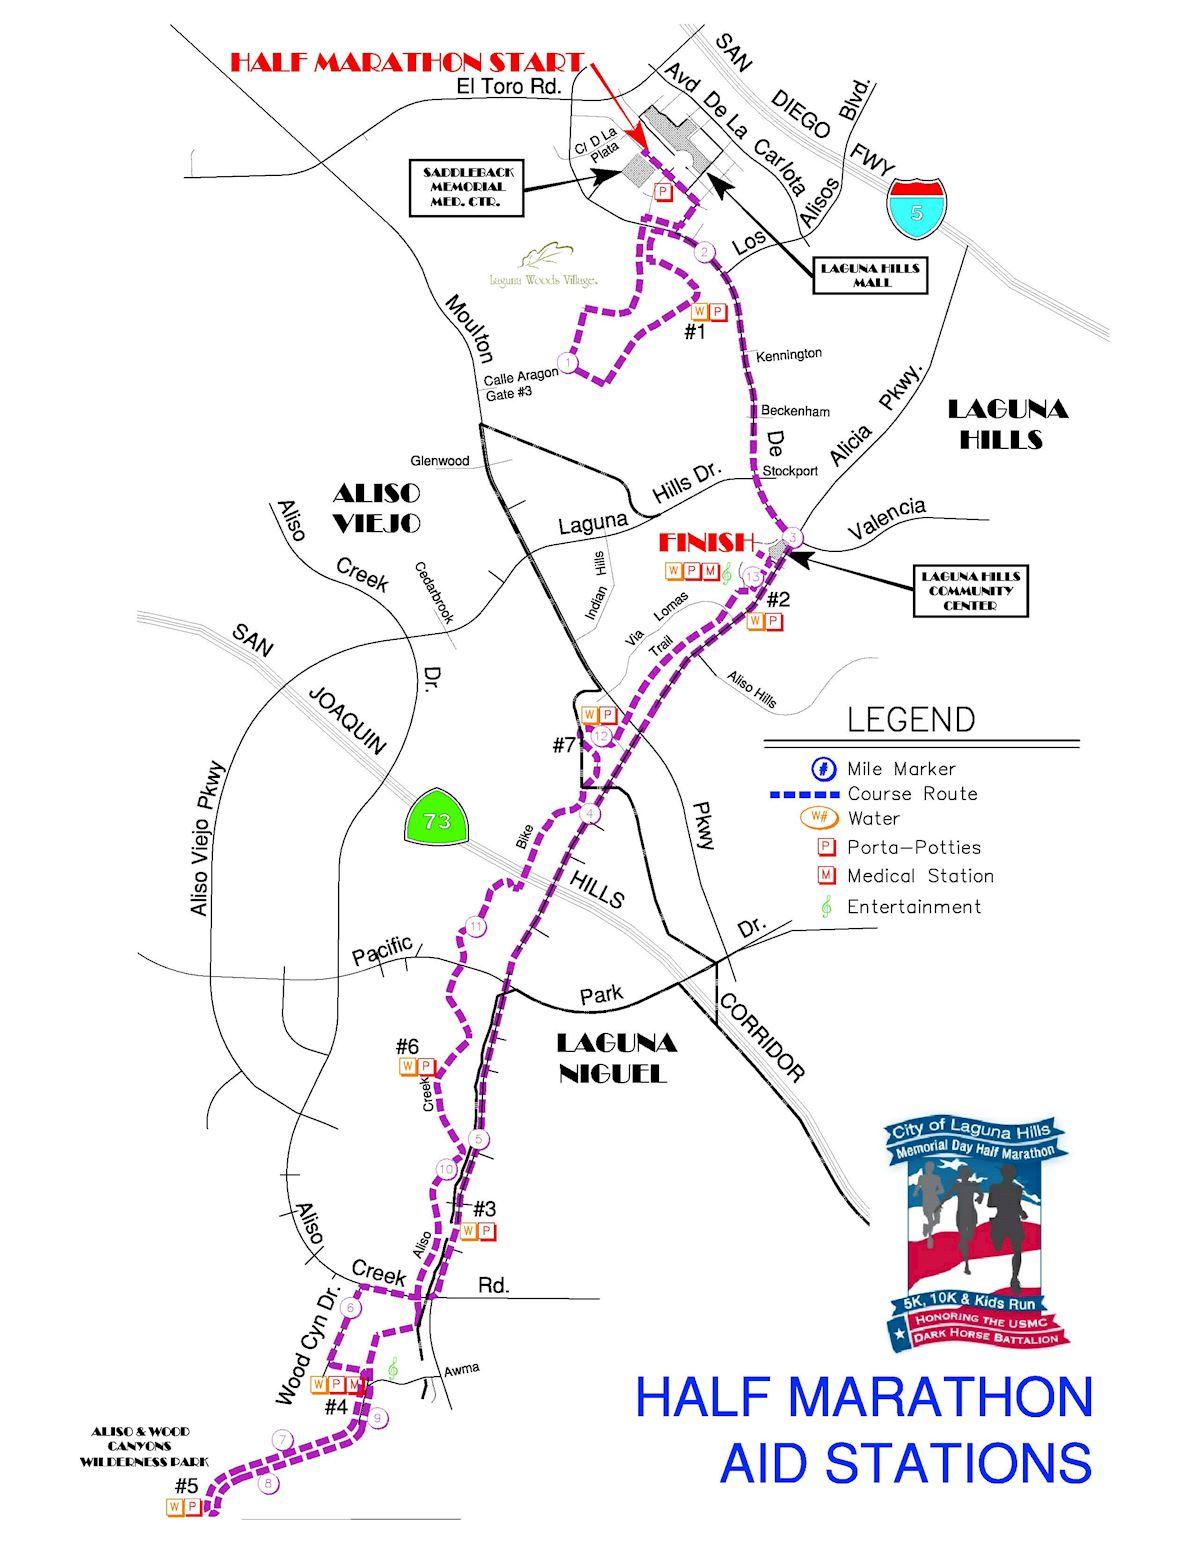 City of Laguna Hills Memorial Half Marathon Route Map